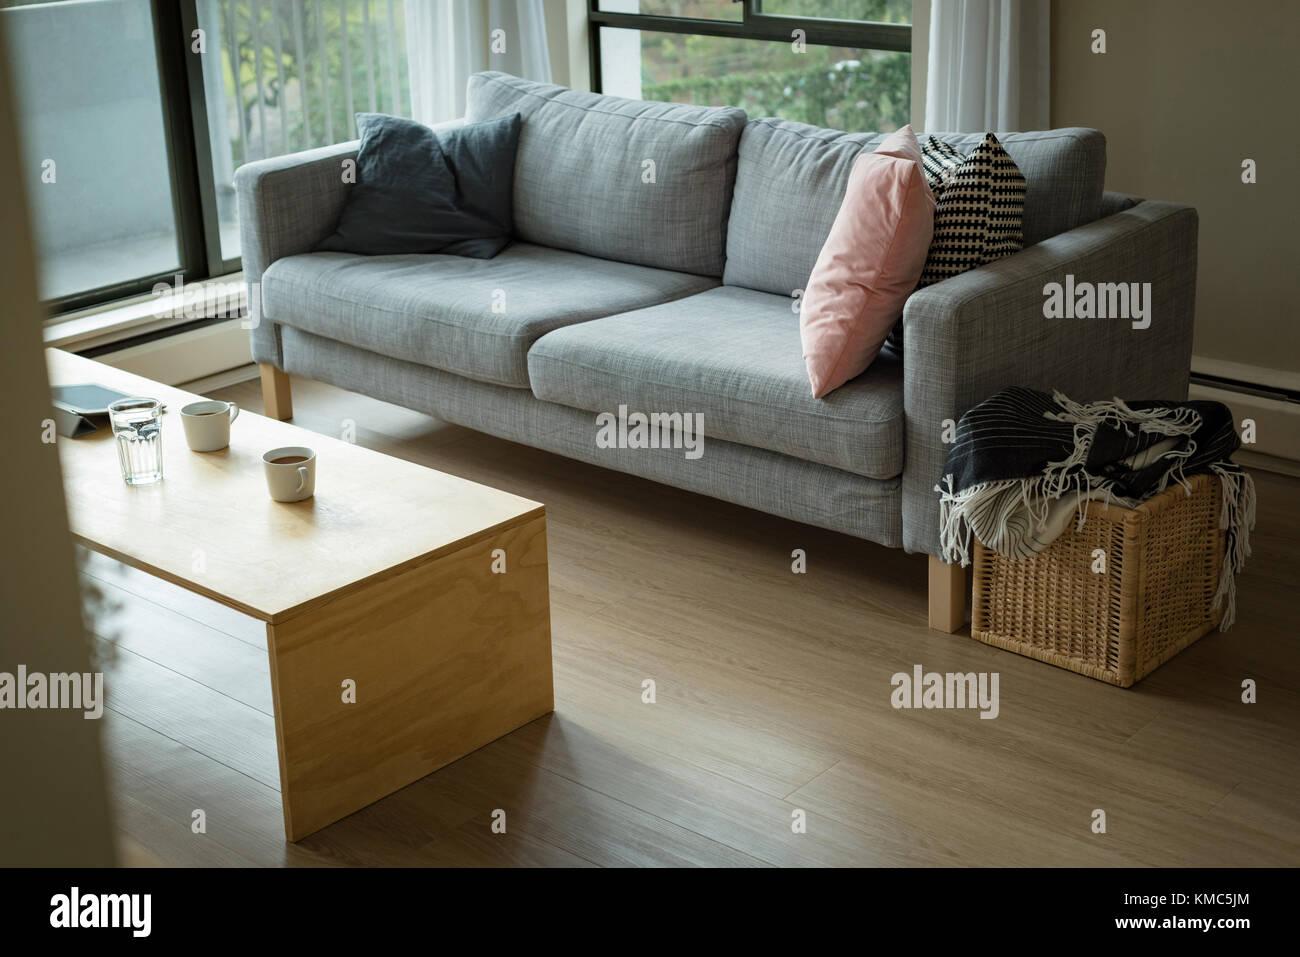 Soggiorno con divano e tavolo a casa Immagini Stock